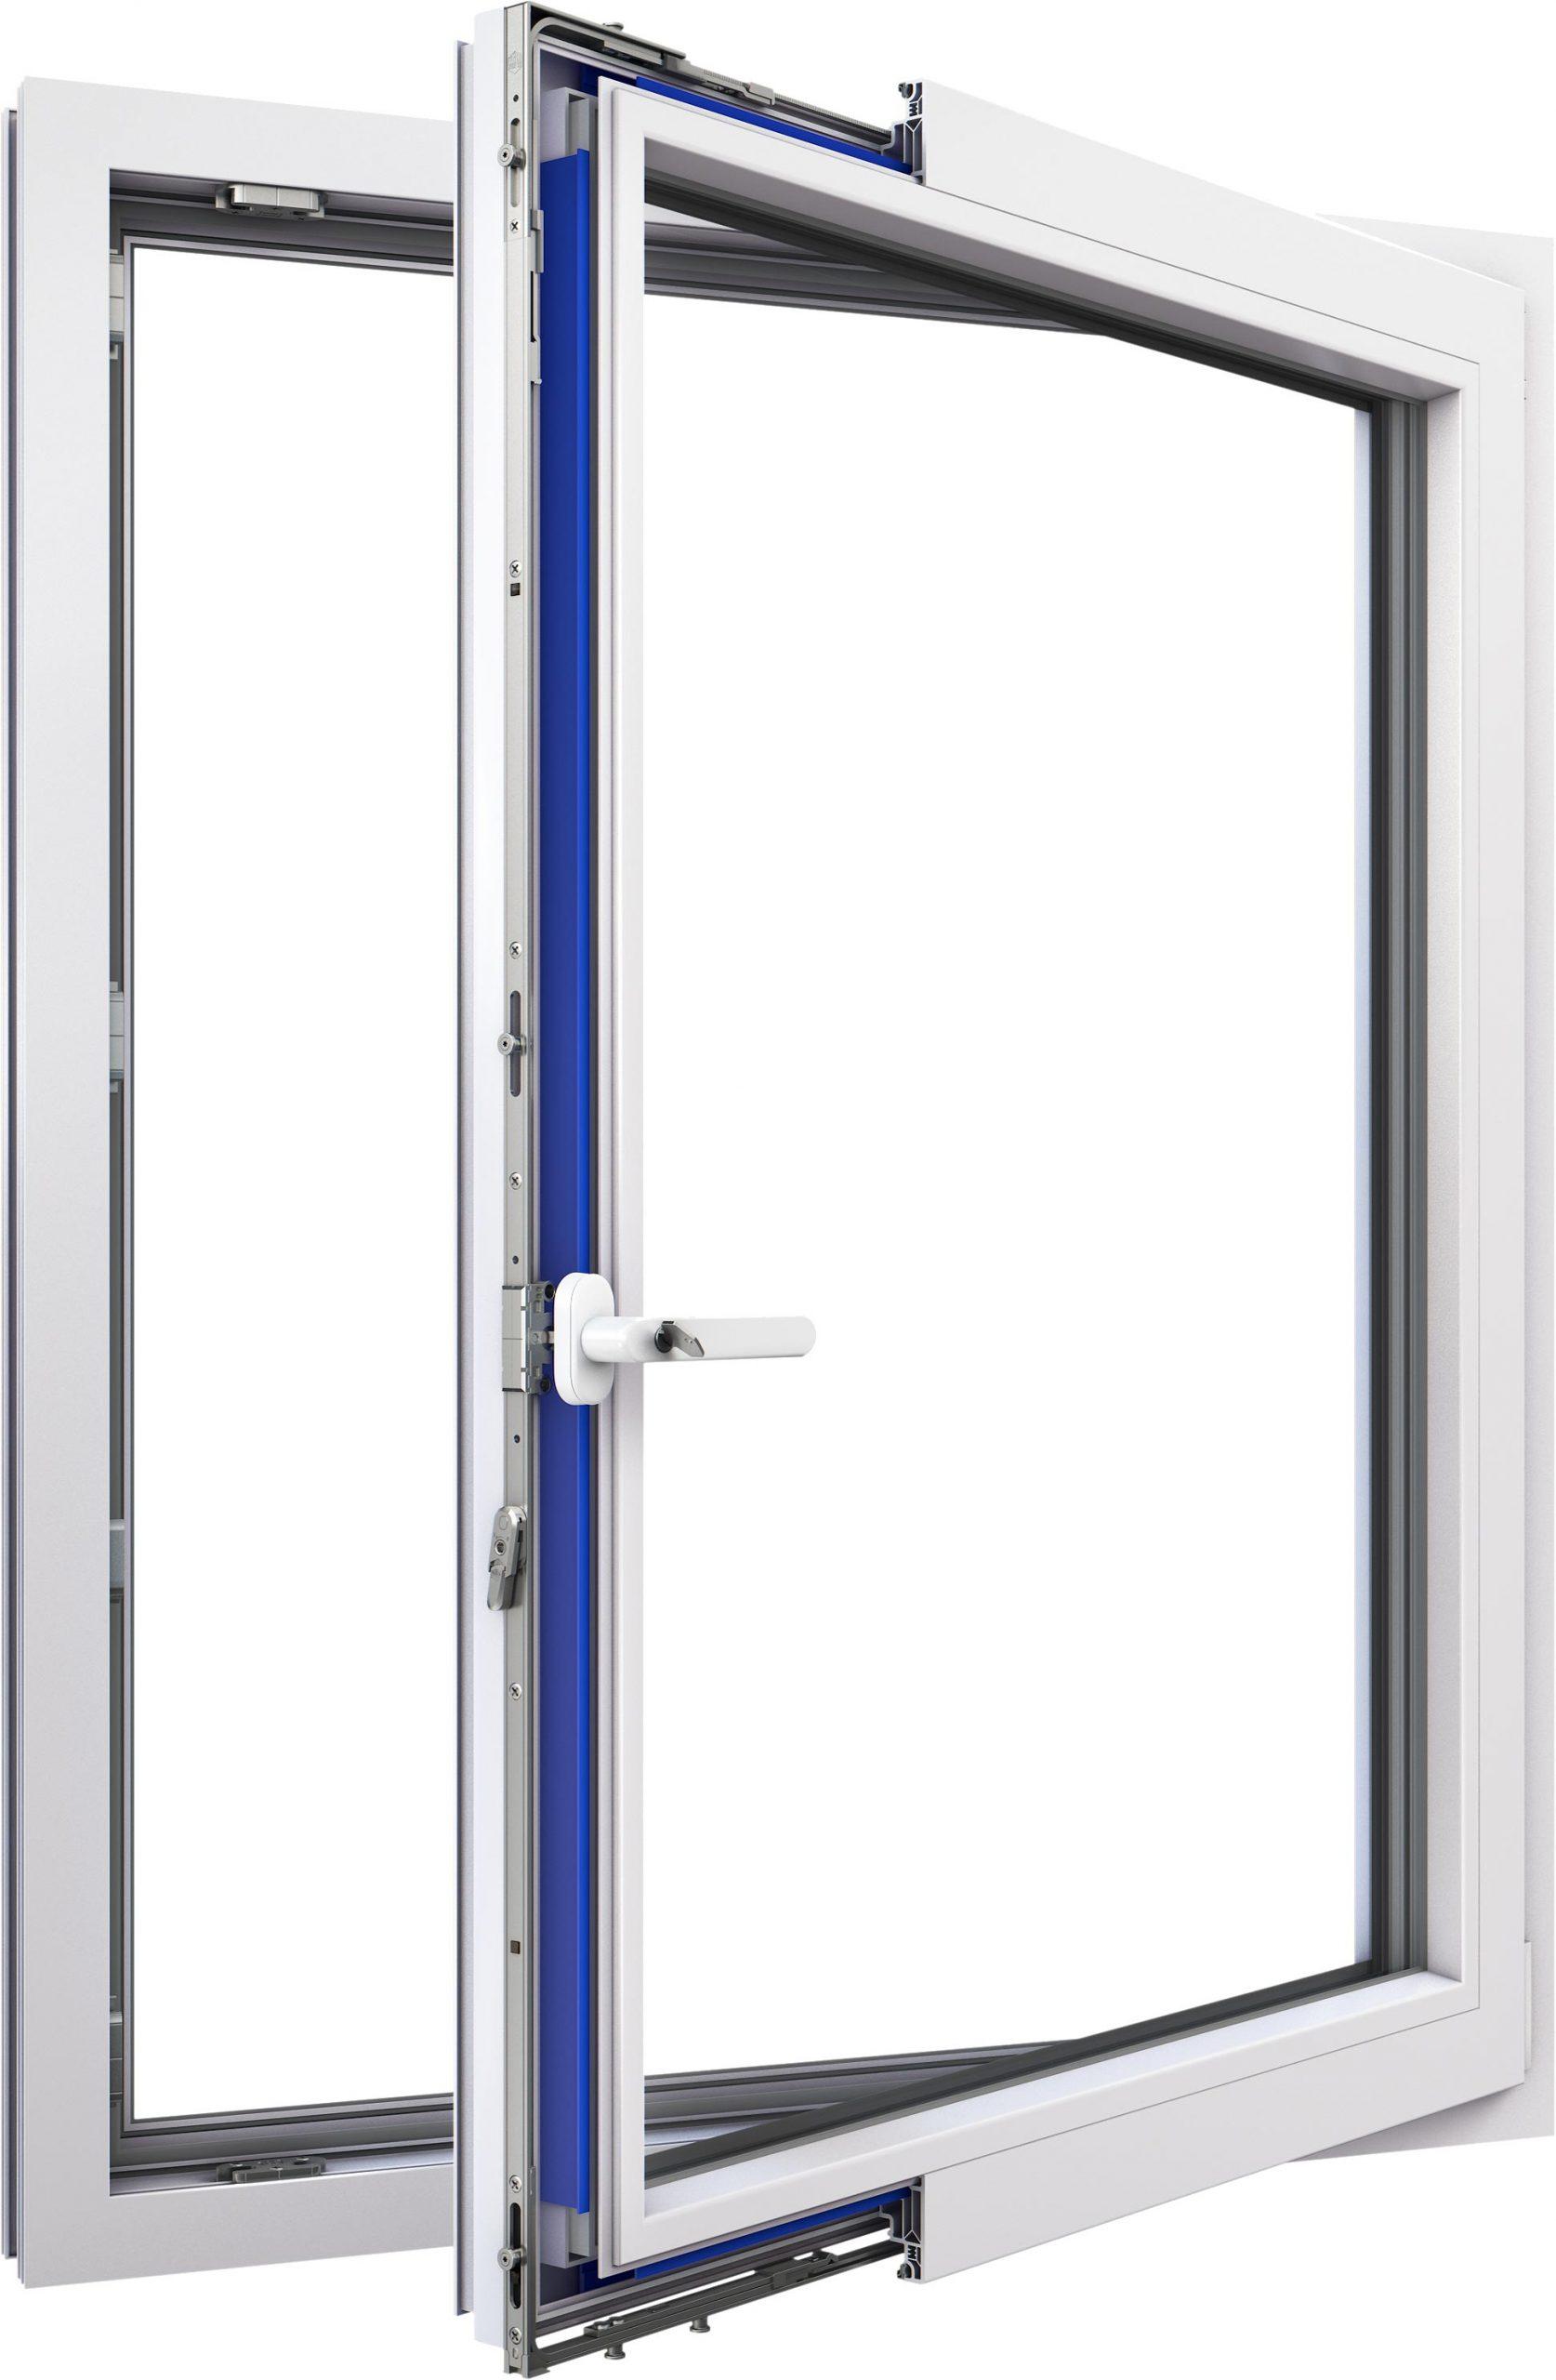 Full Size of Rc 2 Fenstergitter Fenster Definition Kosten Beschlag Ausstattung Preis Rc2 Fenstergriff Anforderungen Montage Test Mehr Und N Zertifizierte Fenstertren Von Fenster Rc 2 Fenster